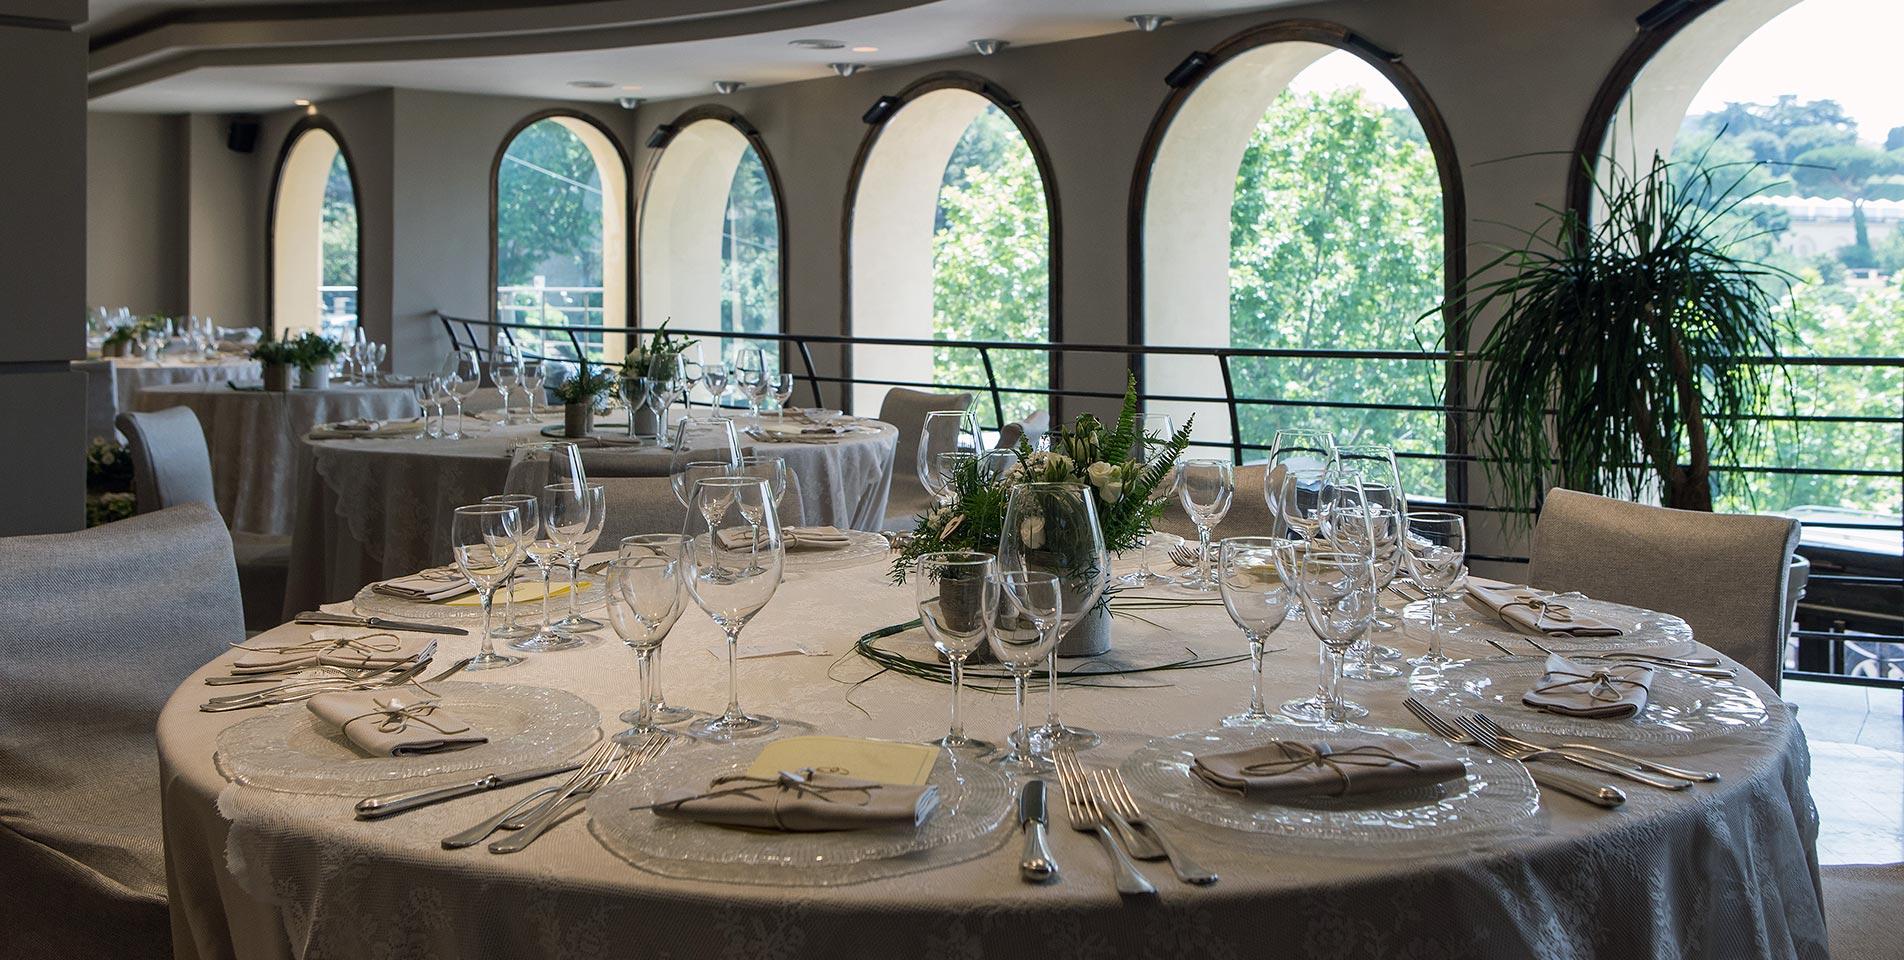 Ristorante matrimonio roma castelli romani - Ristorante con tavoli all aperto roma ...